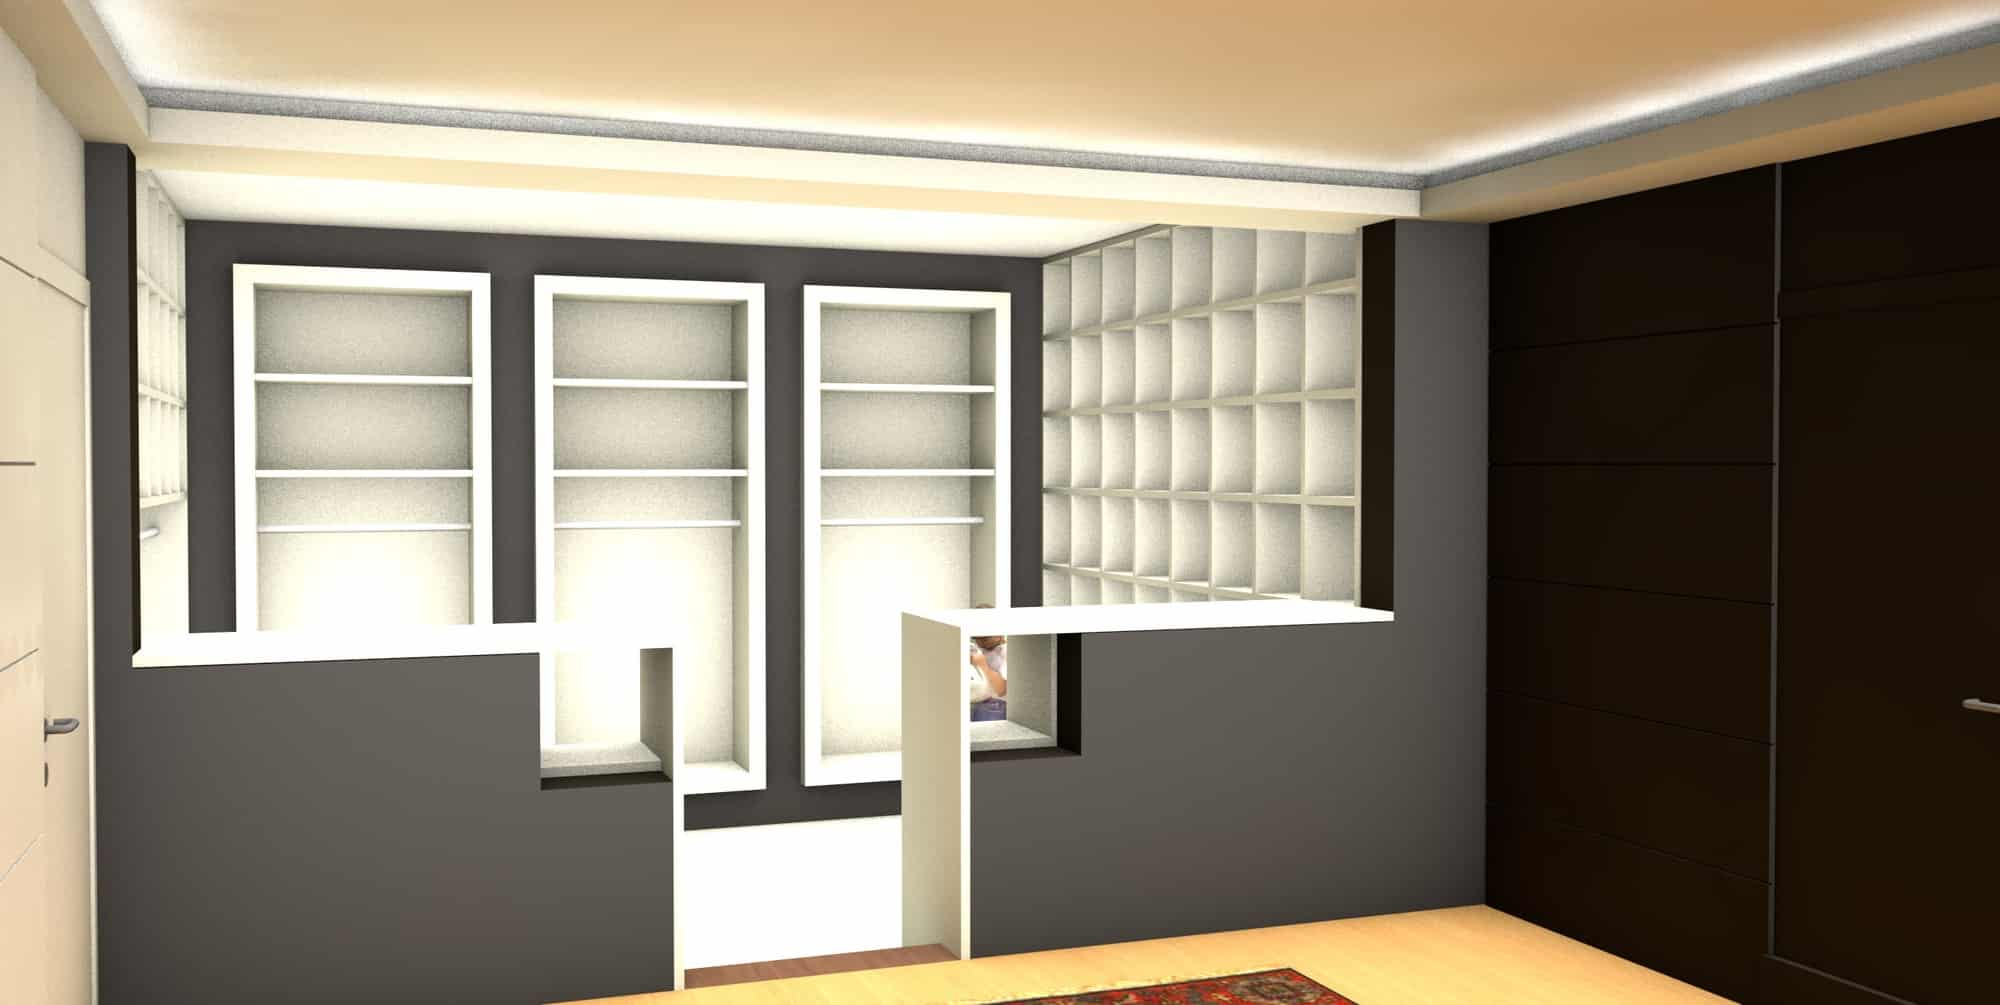 Detail afbeelding 3 van Elegance Lingerie Genk | Ontwerp door architect Patrick Strackx